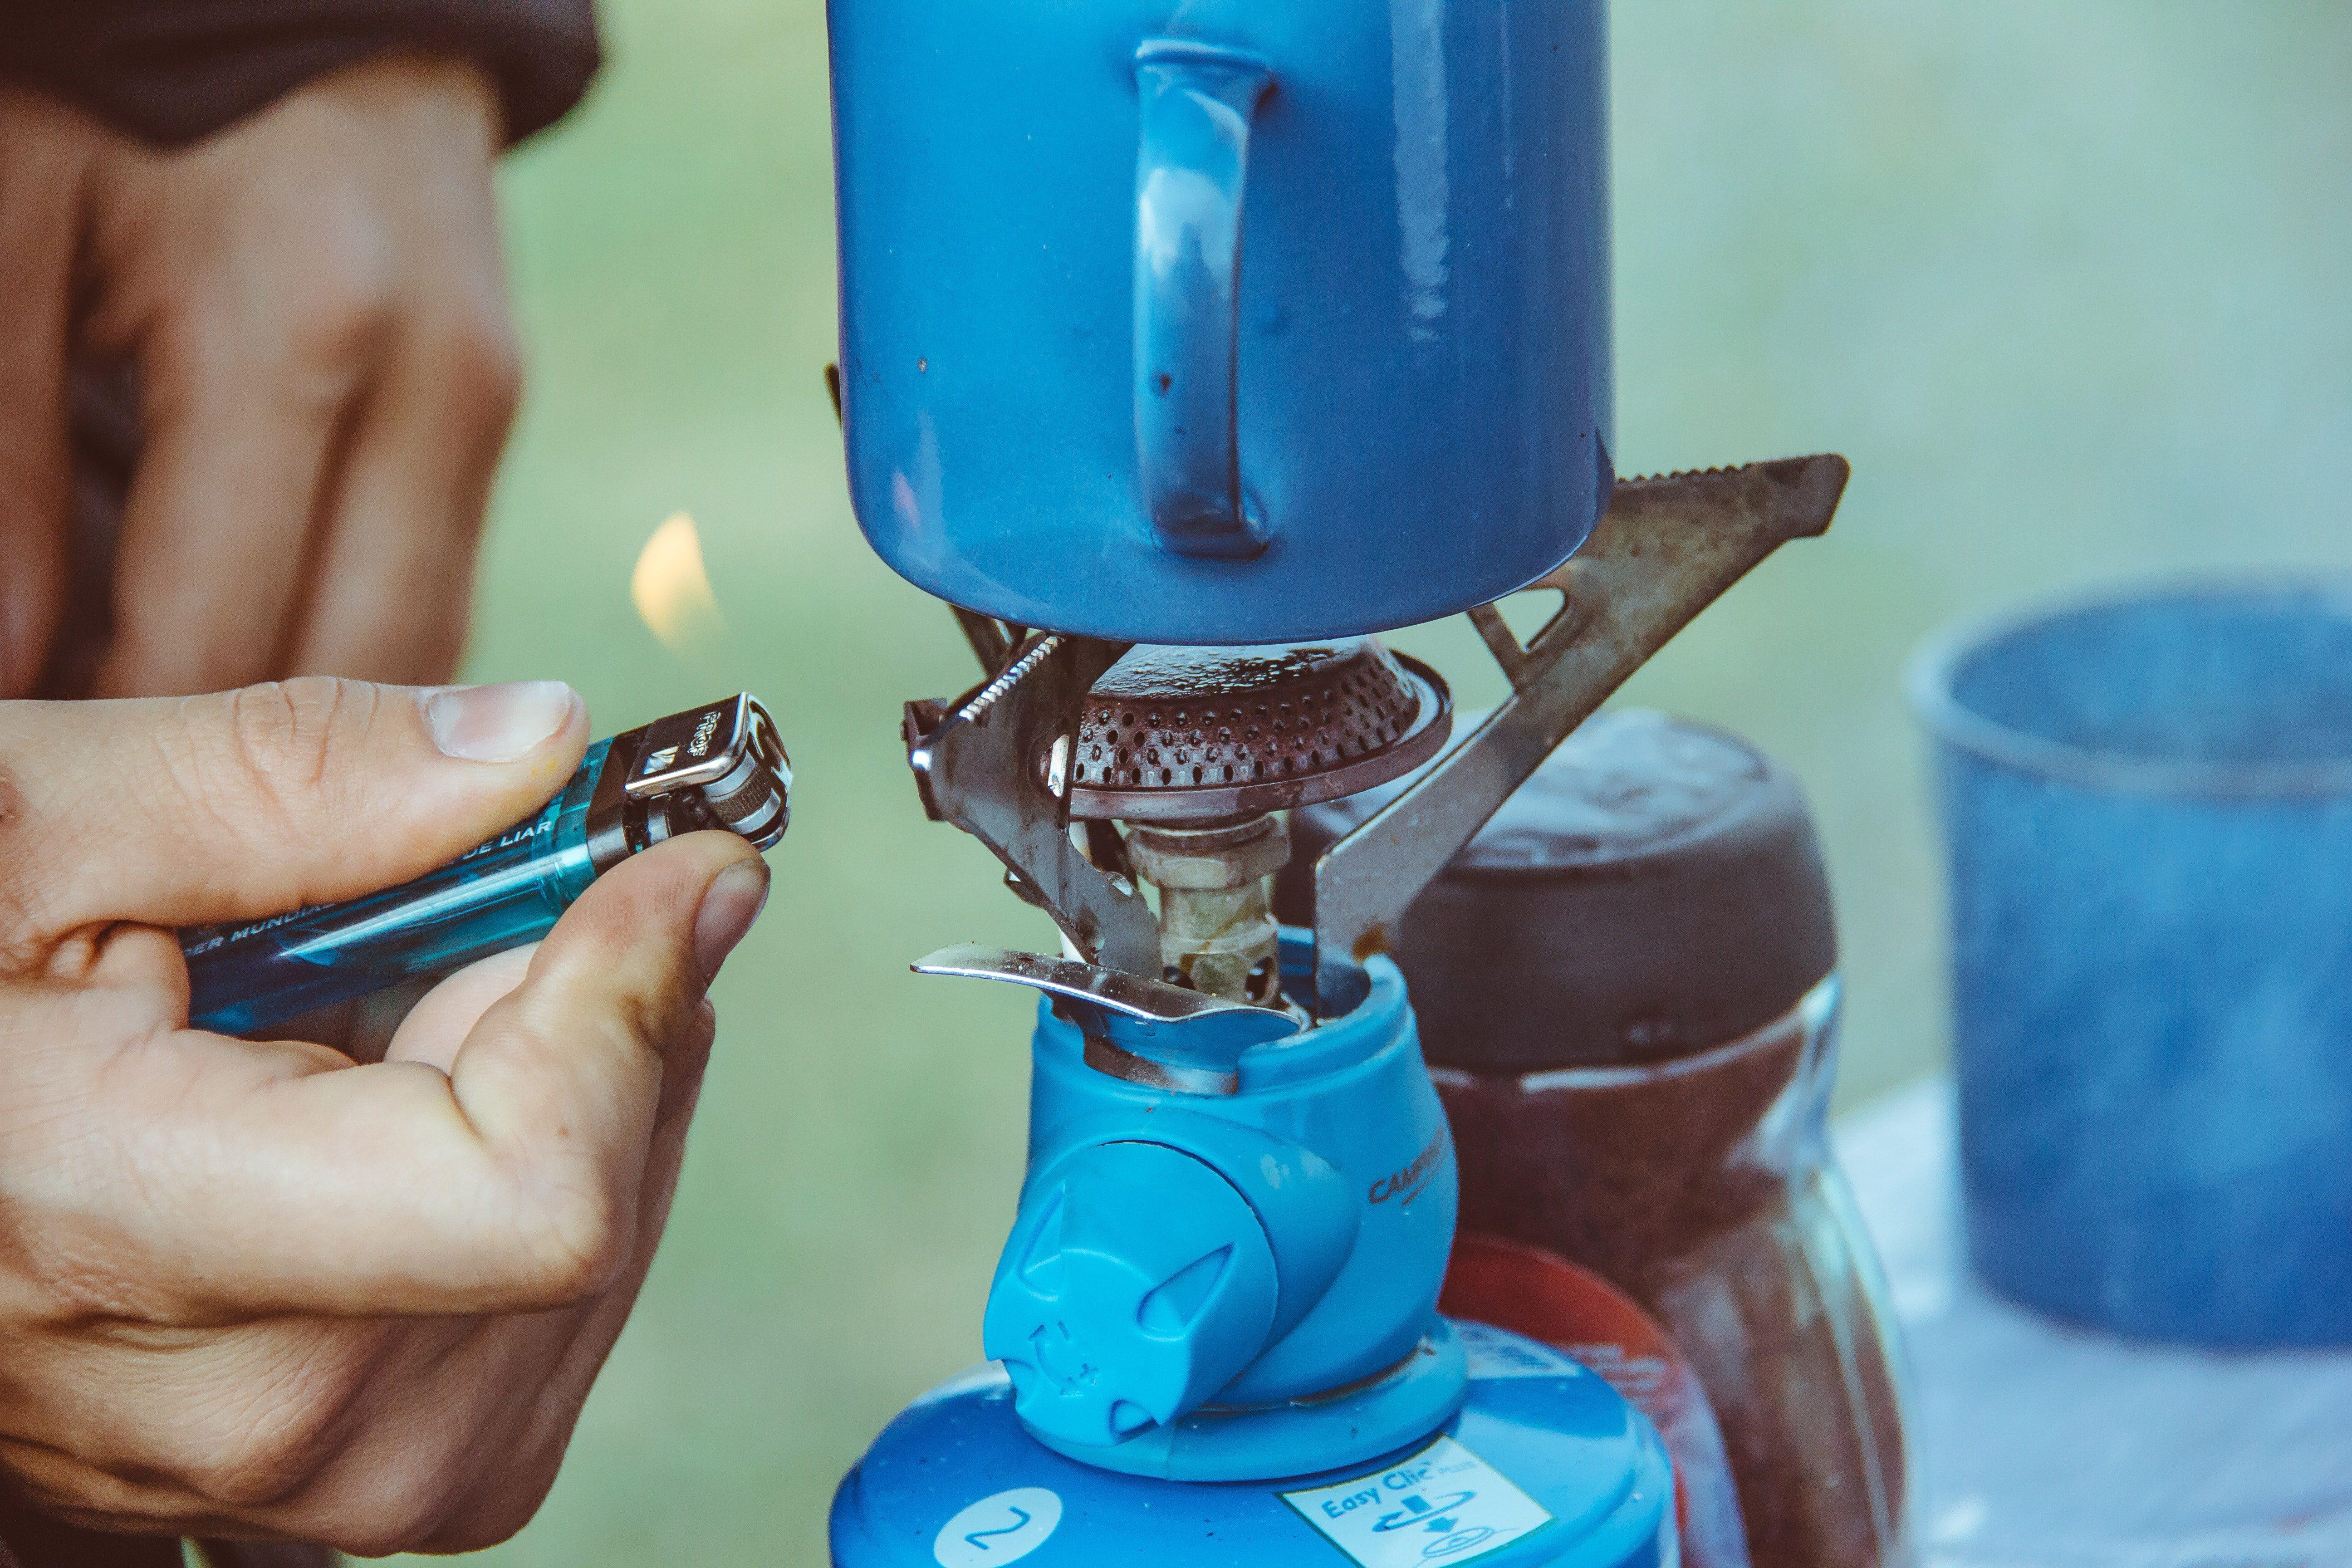 I 10 migliori fornelli da campeggio: classifica, offerte e guida all'acquisto